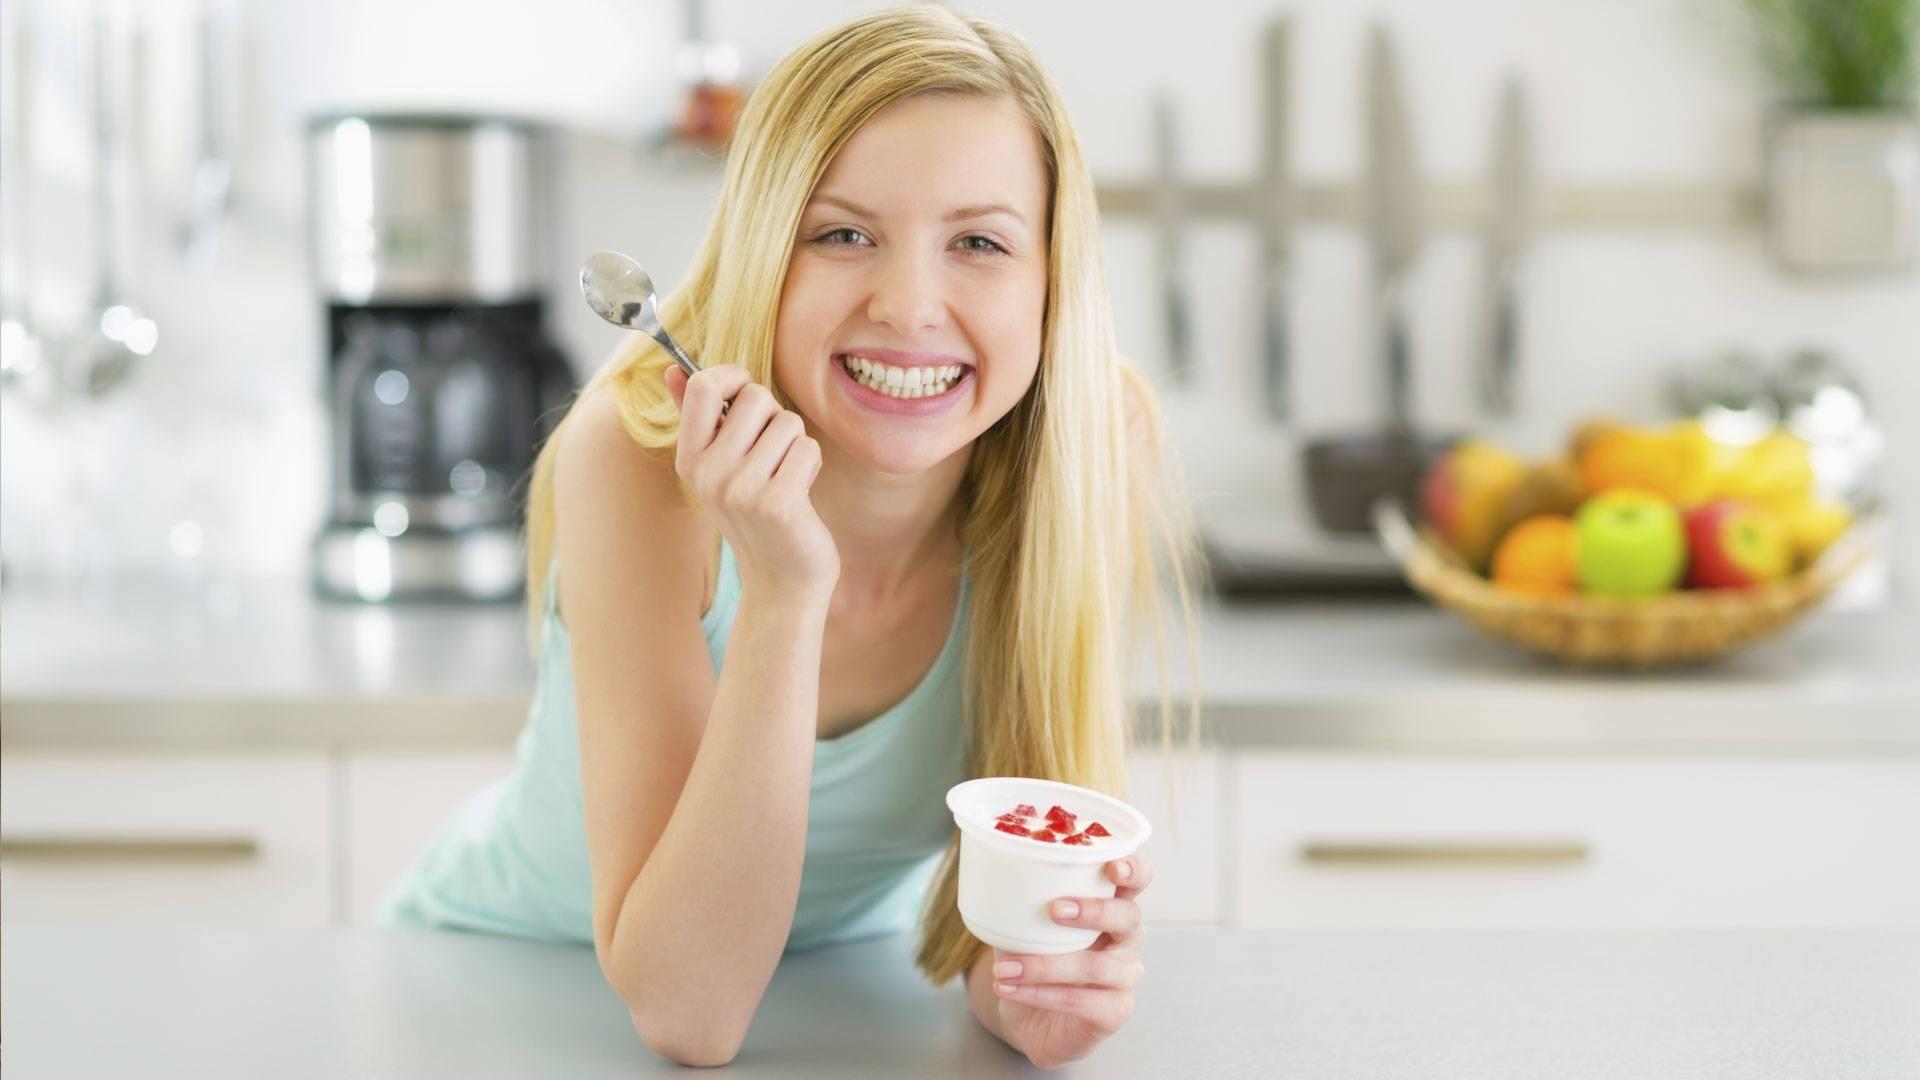 Йогурт при расстройстве желудка